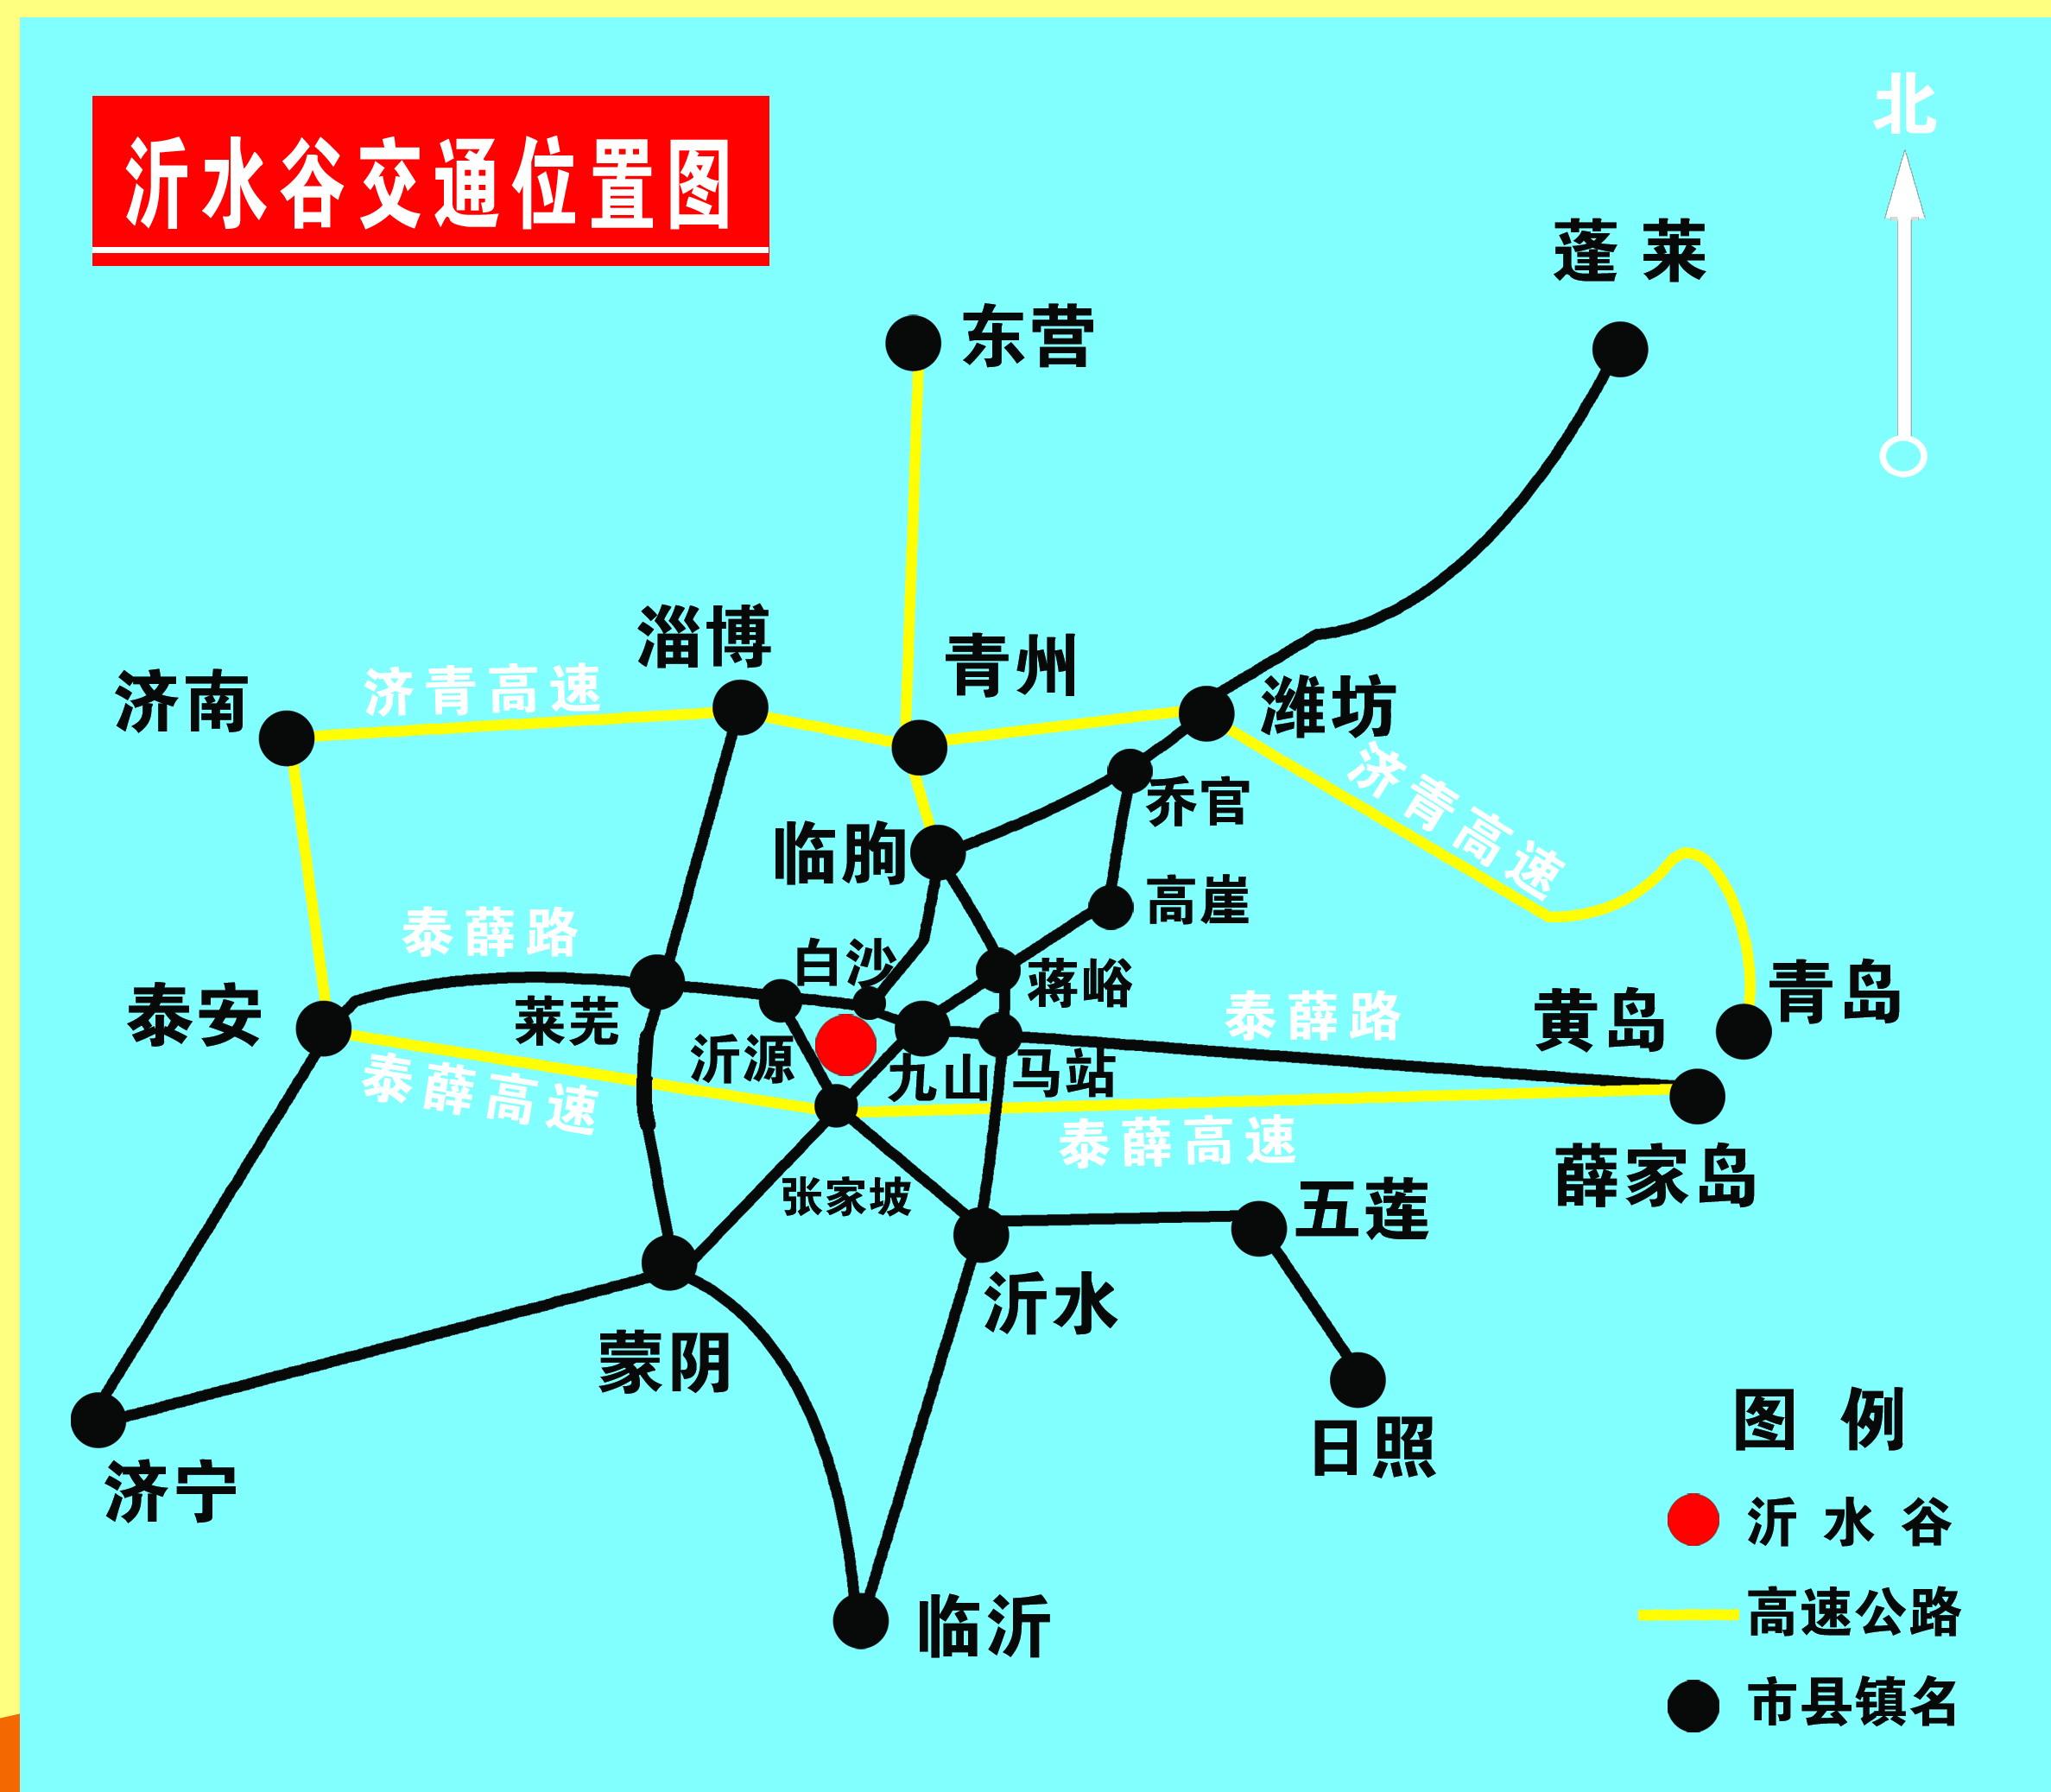 临朐县神牛谷风景区_好客山东网